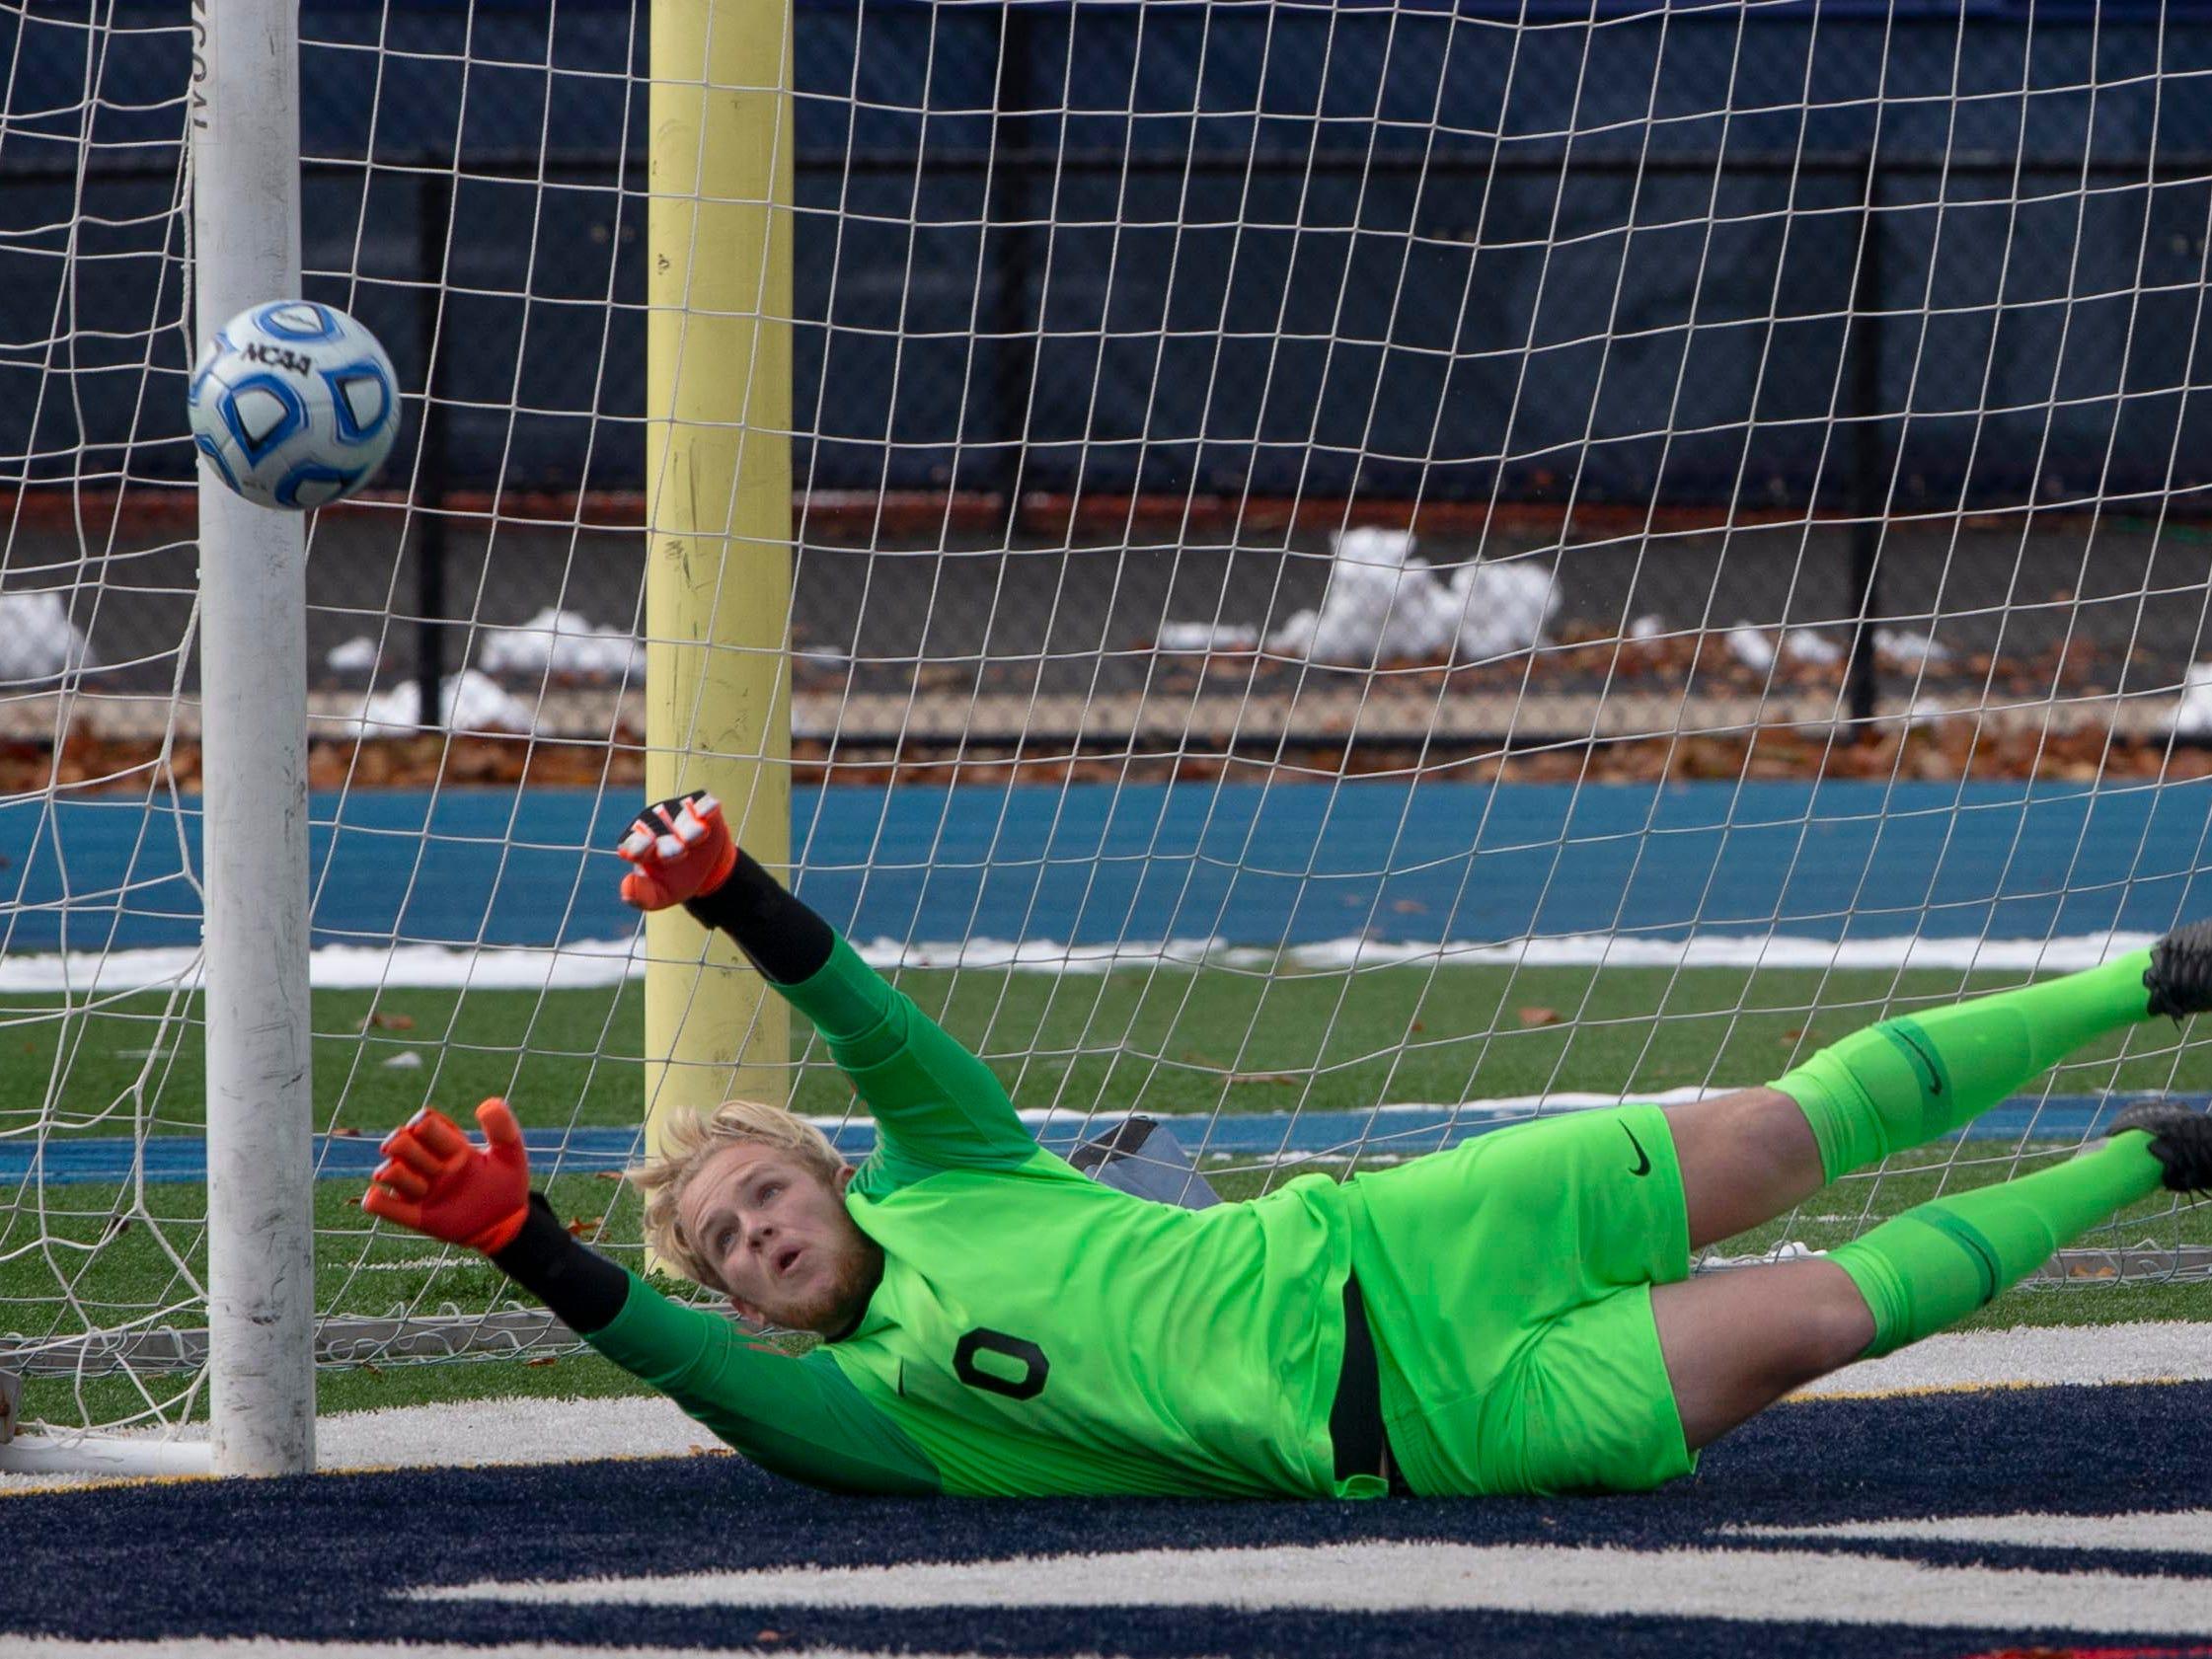 Glassboro goalie Griffin Rogers knocks away a shot on goal New Providence vs. Glassboro in Boys Group I Soccer in Union NJ.